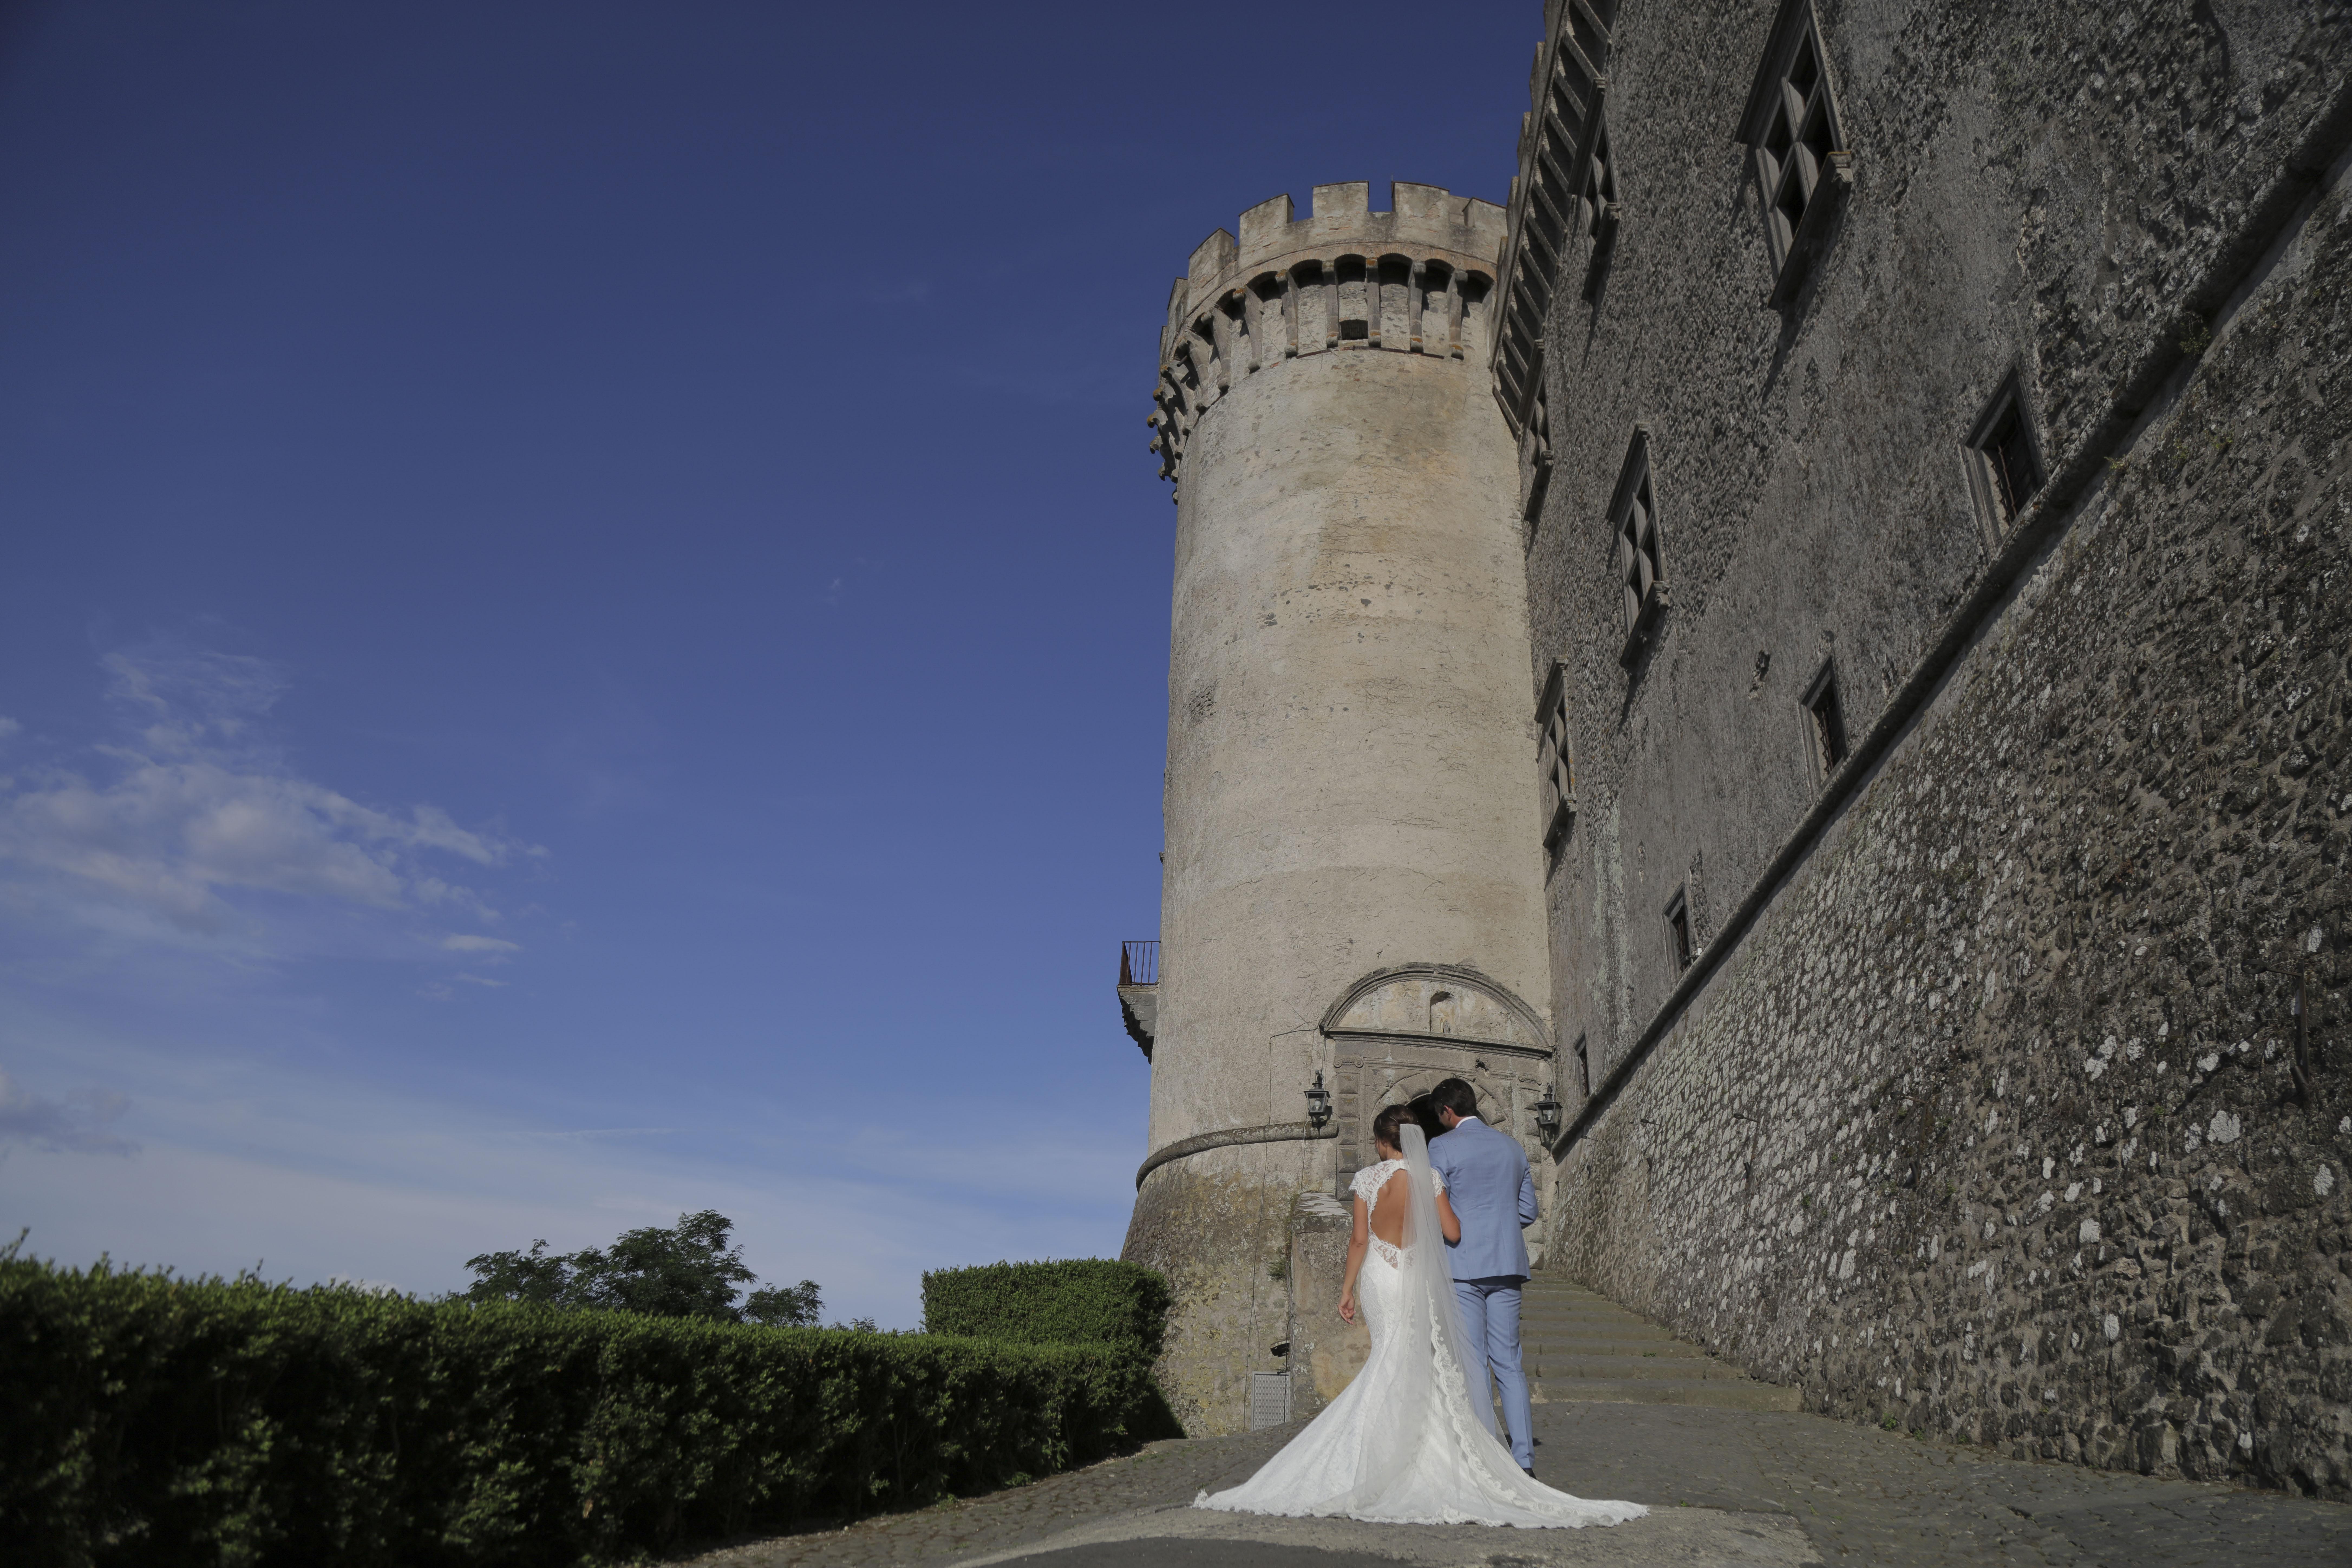 Bruidspaar op de kasteeltrap in Bracciano